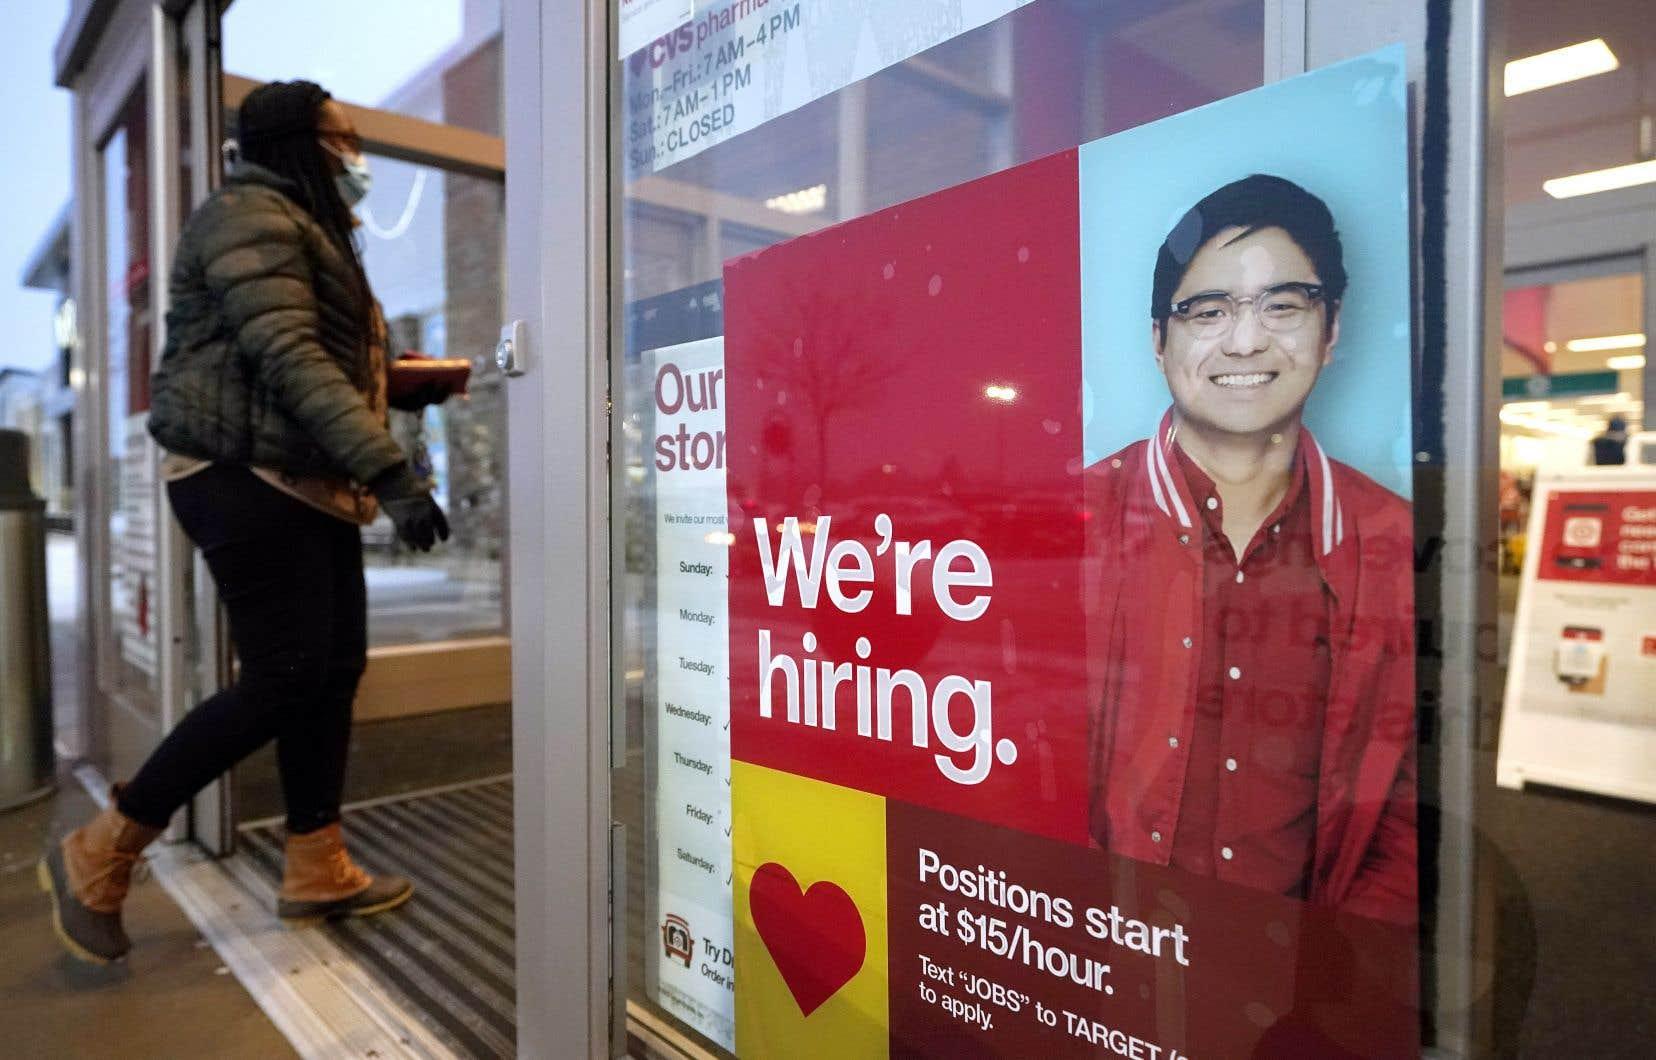 En février, 379000 emplois ont été créés aux États-Unis, bien plus que les 200000 attendus par les analystes, et surtout près de trois fois plus qu'en janvier, a annoncé vendredi le département du Travail.